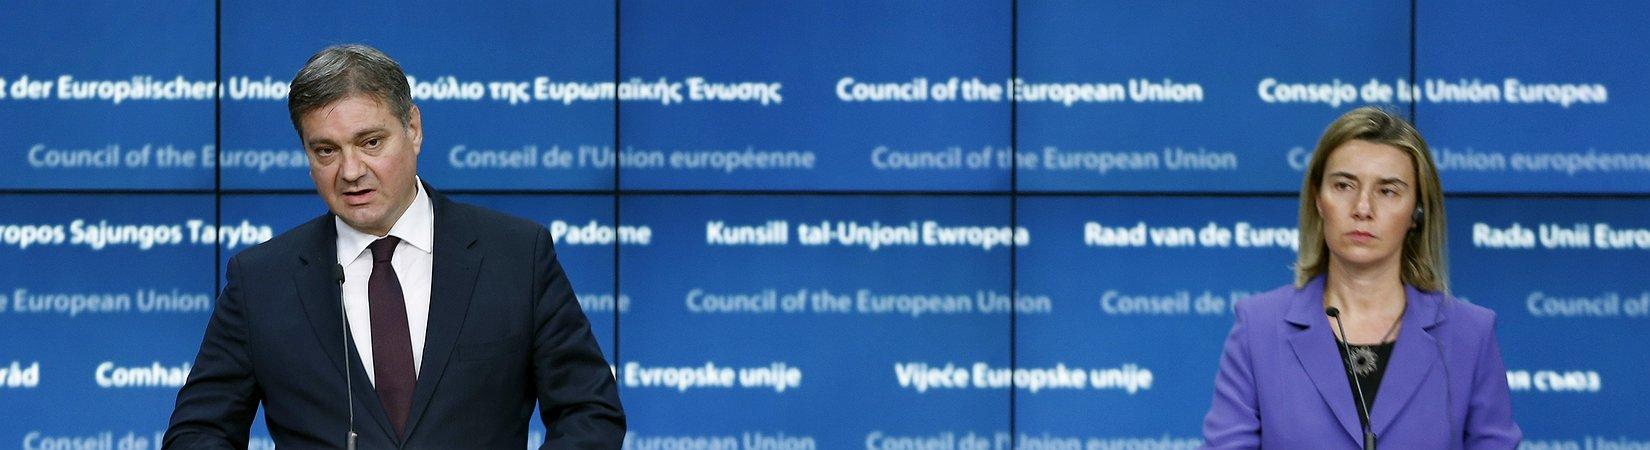 Bosnien beantragt die Aufnahme in die EU